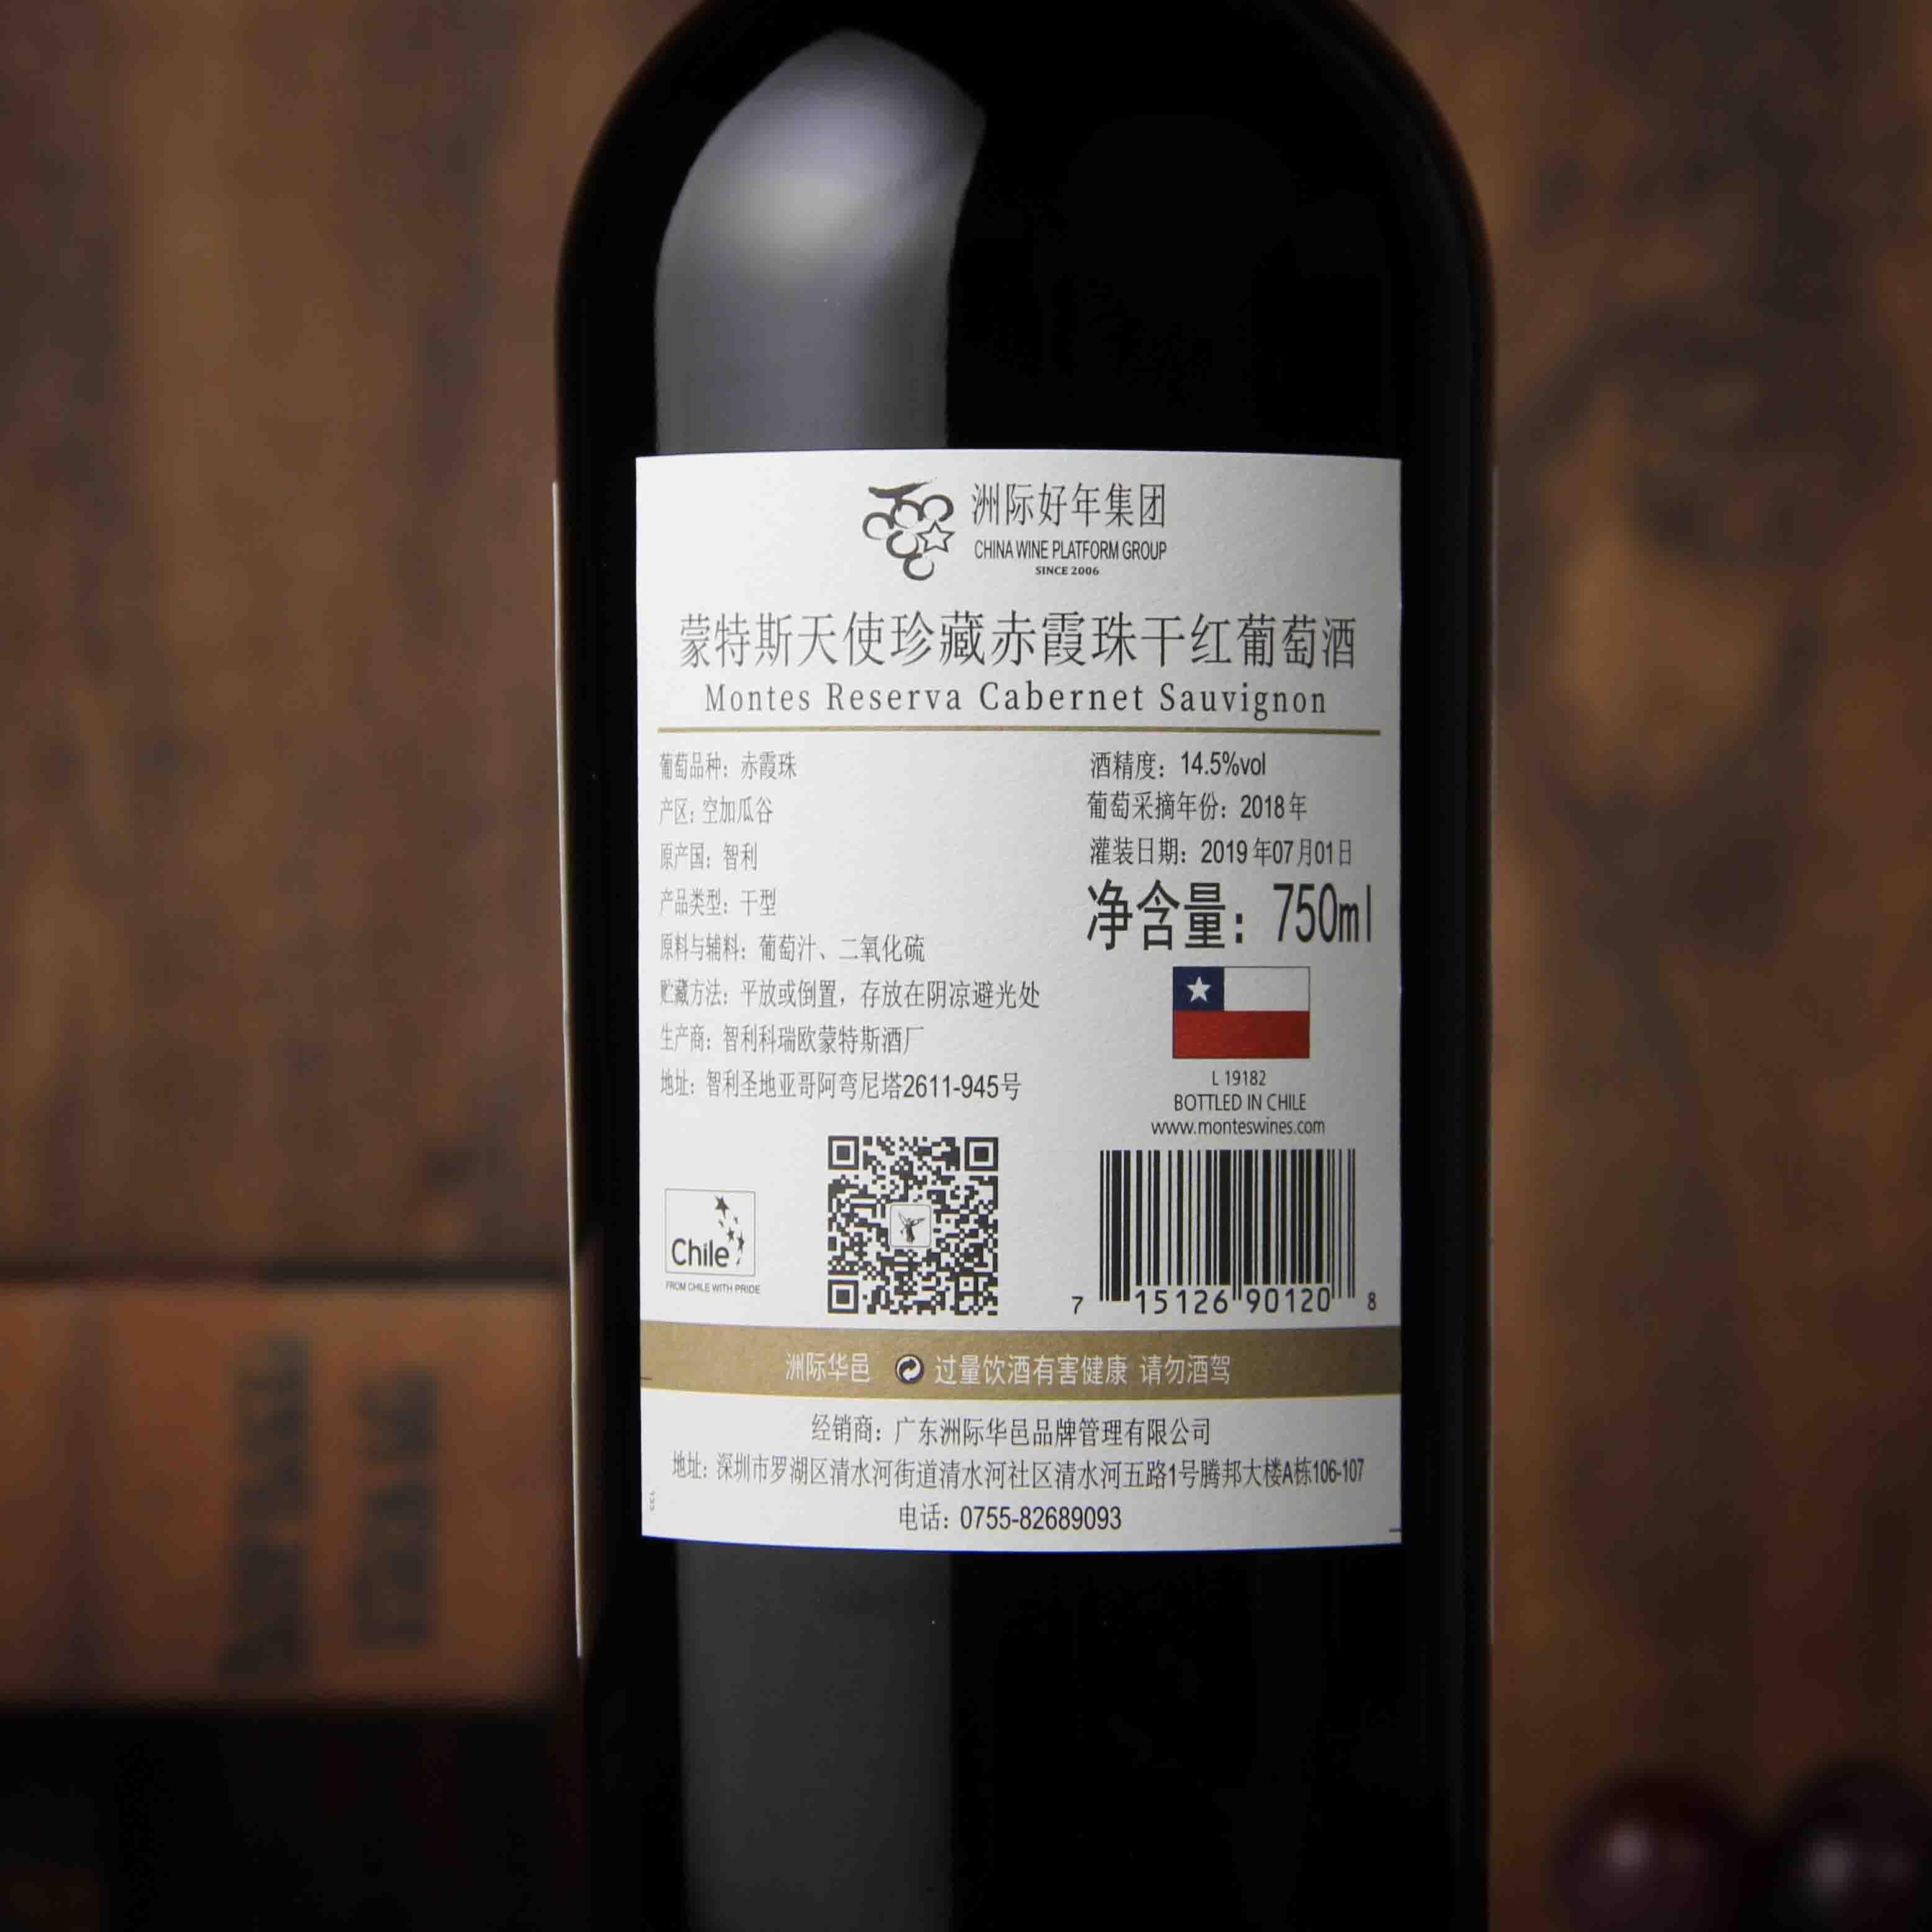 智利蒙特斯红天使珍藏赤霞珠干红葡萄酒